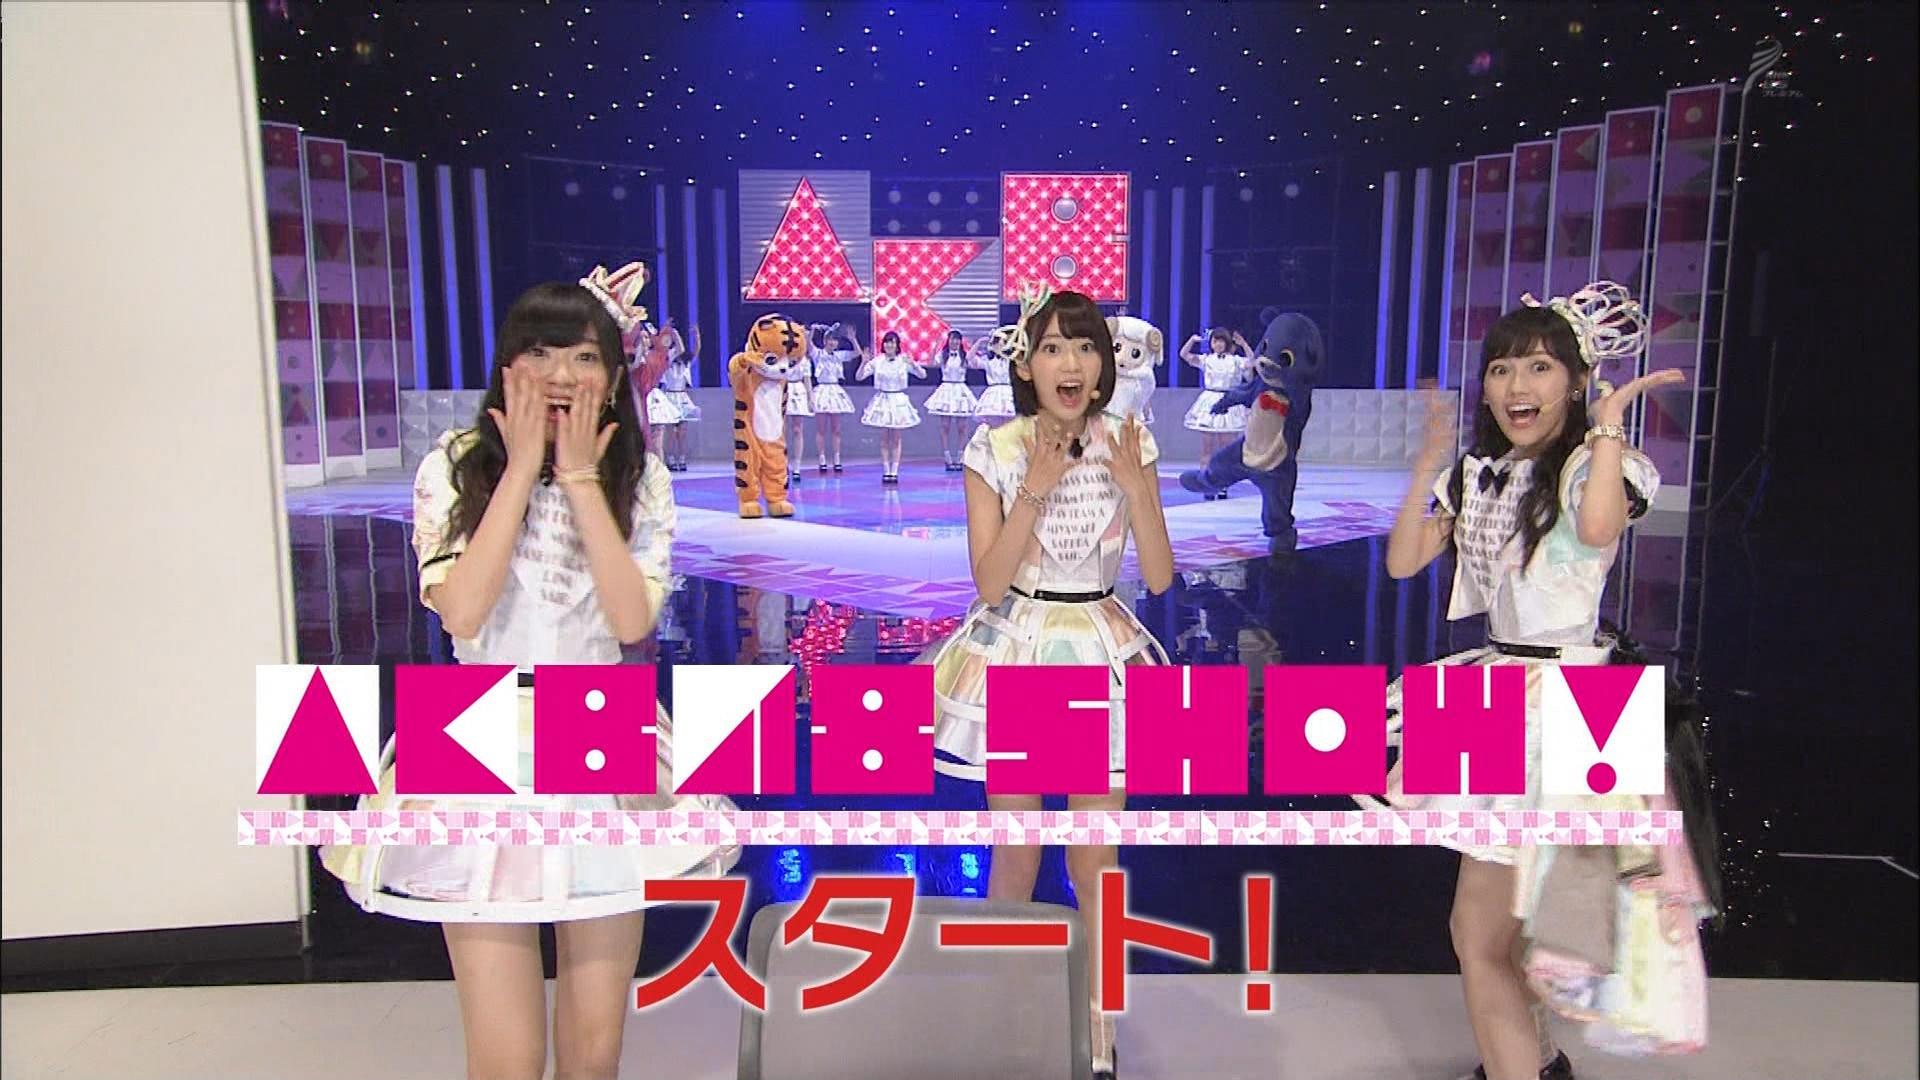 AKB48SHOW 心のプラカード 渡辺麻友 20140830 (6)